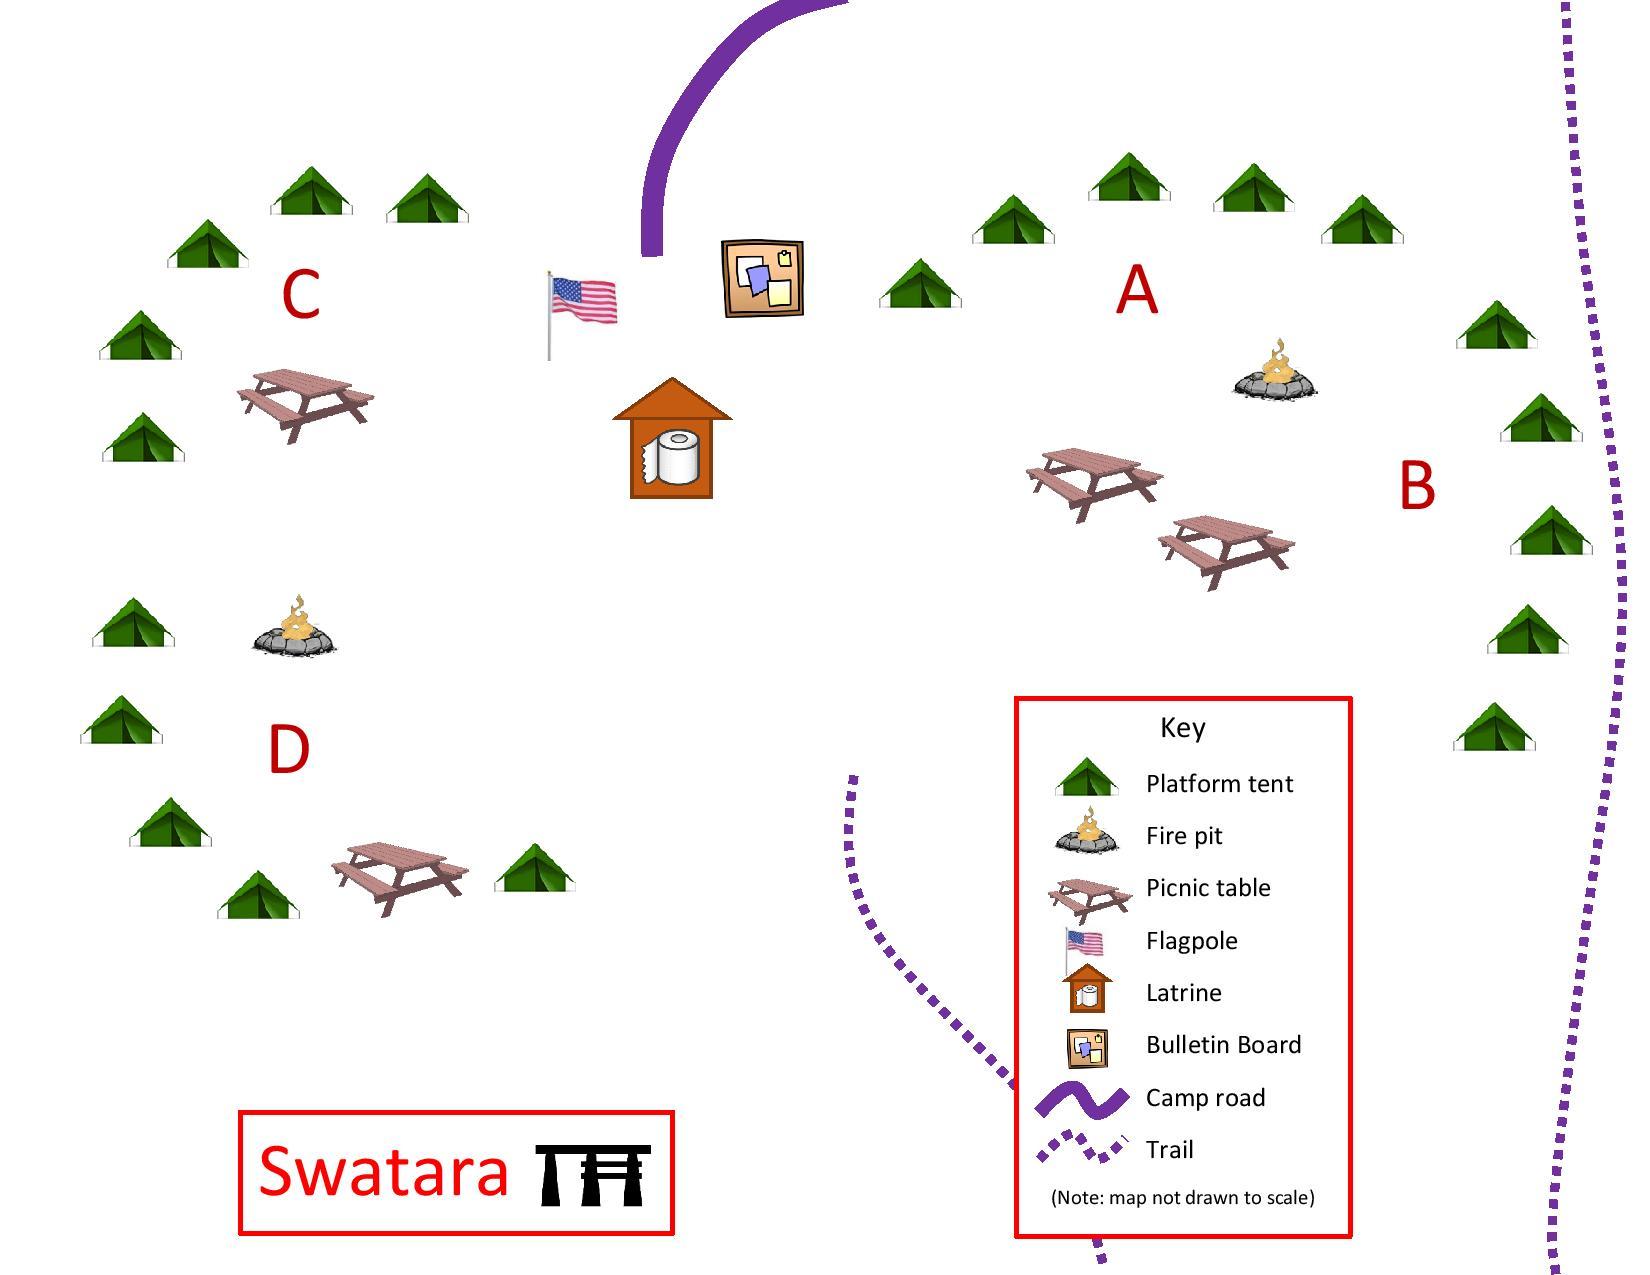 Swatara